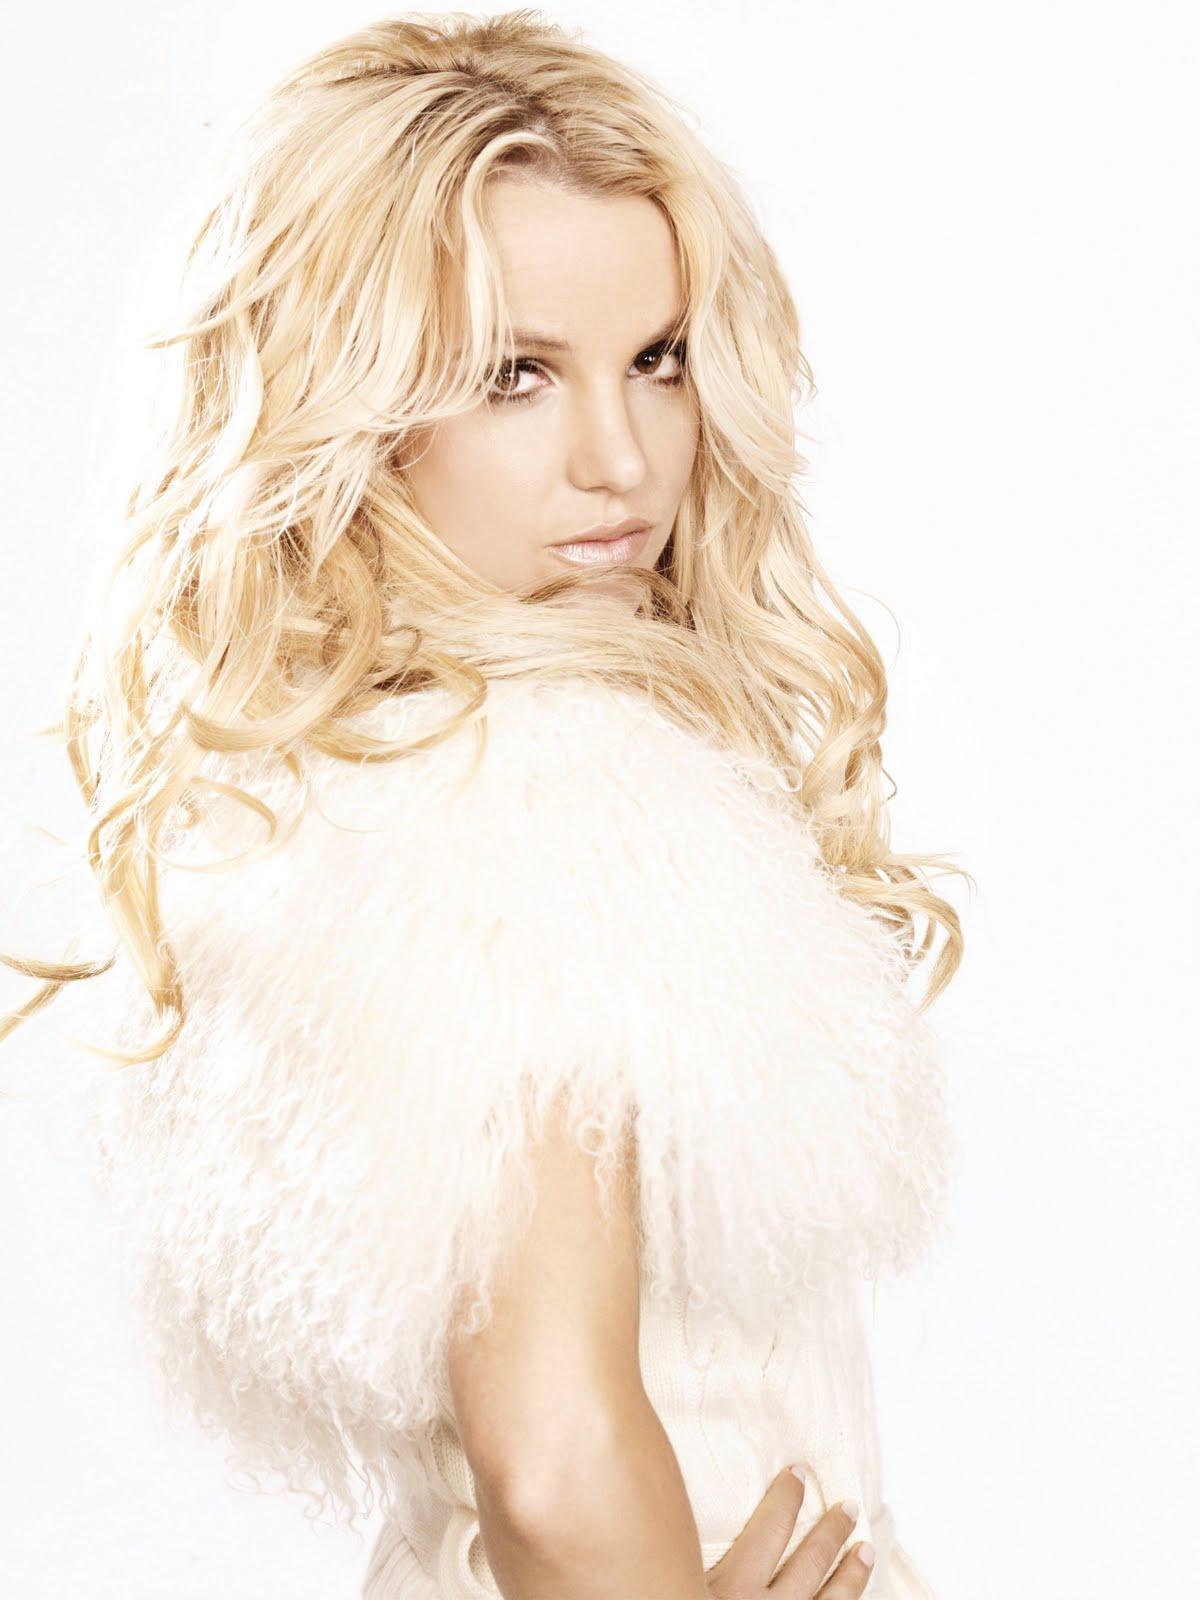 Britney spears work bitch super sexy edit - 1 part 8